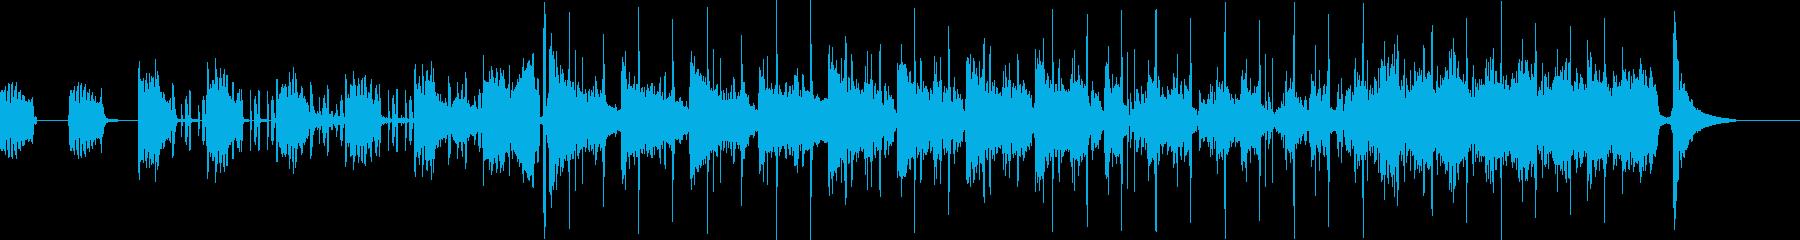 最先端のBGMの再生済みの波形